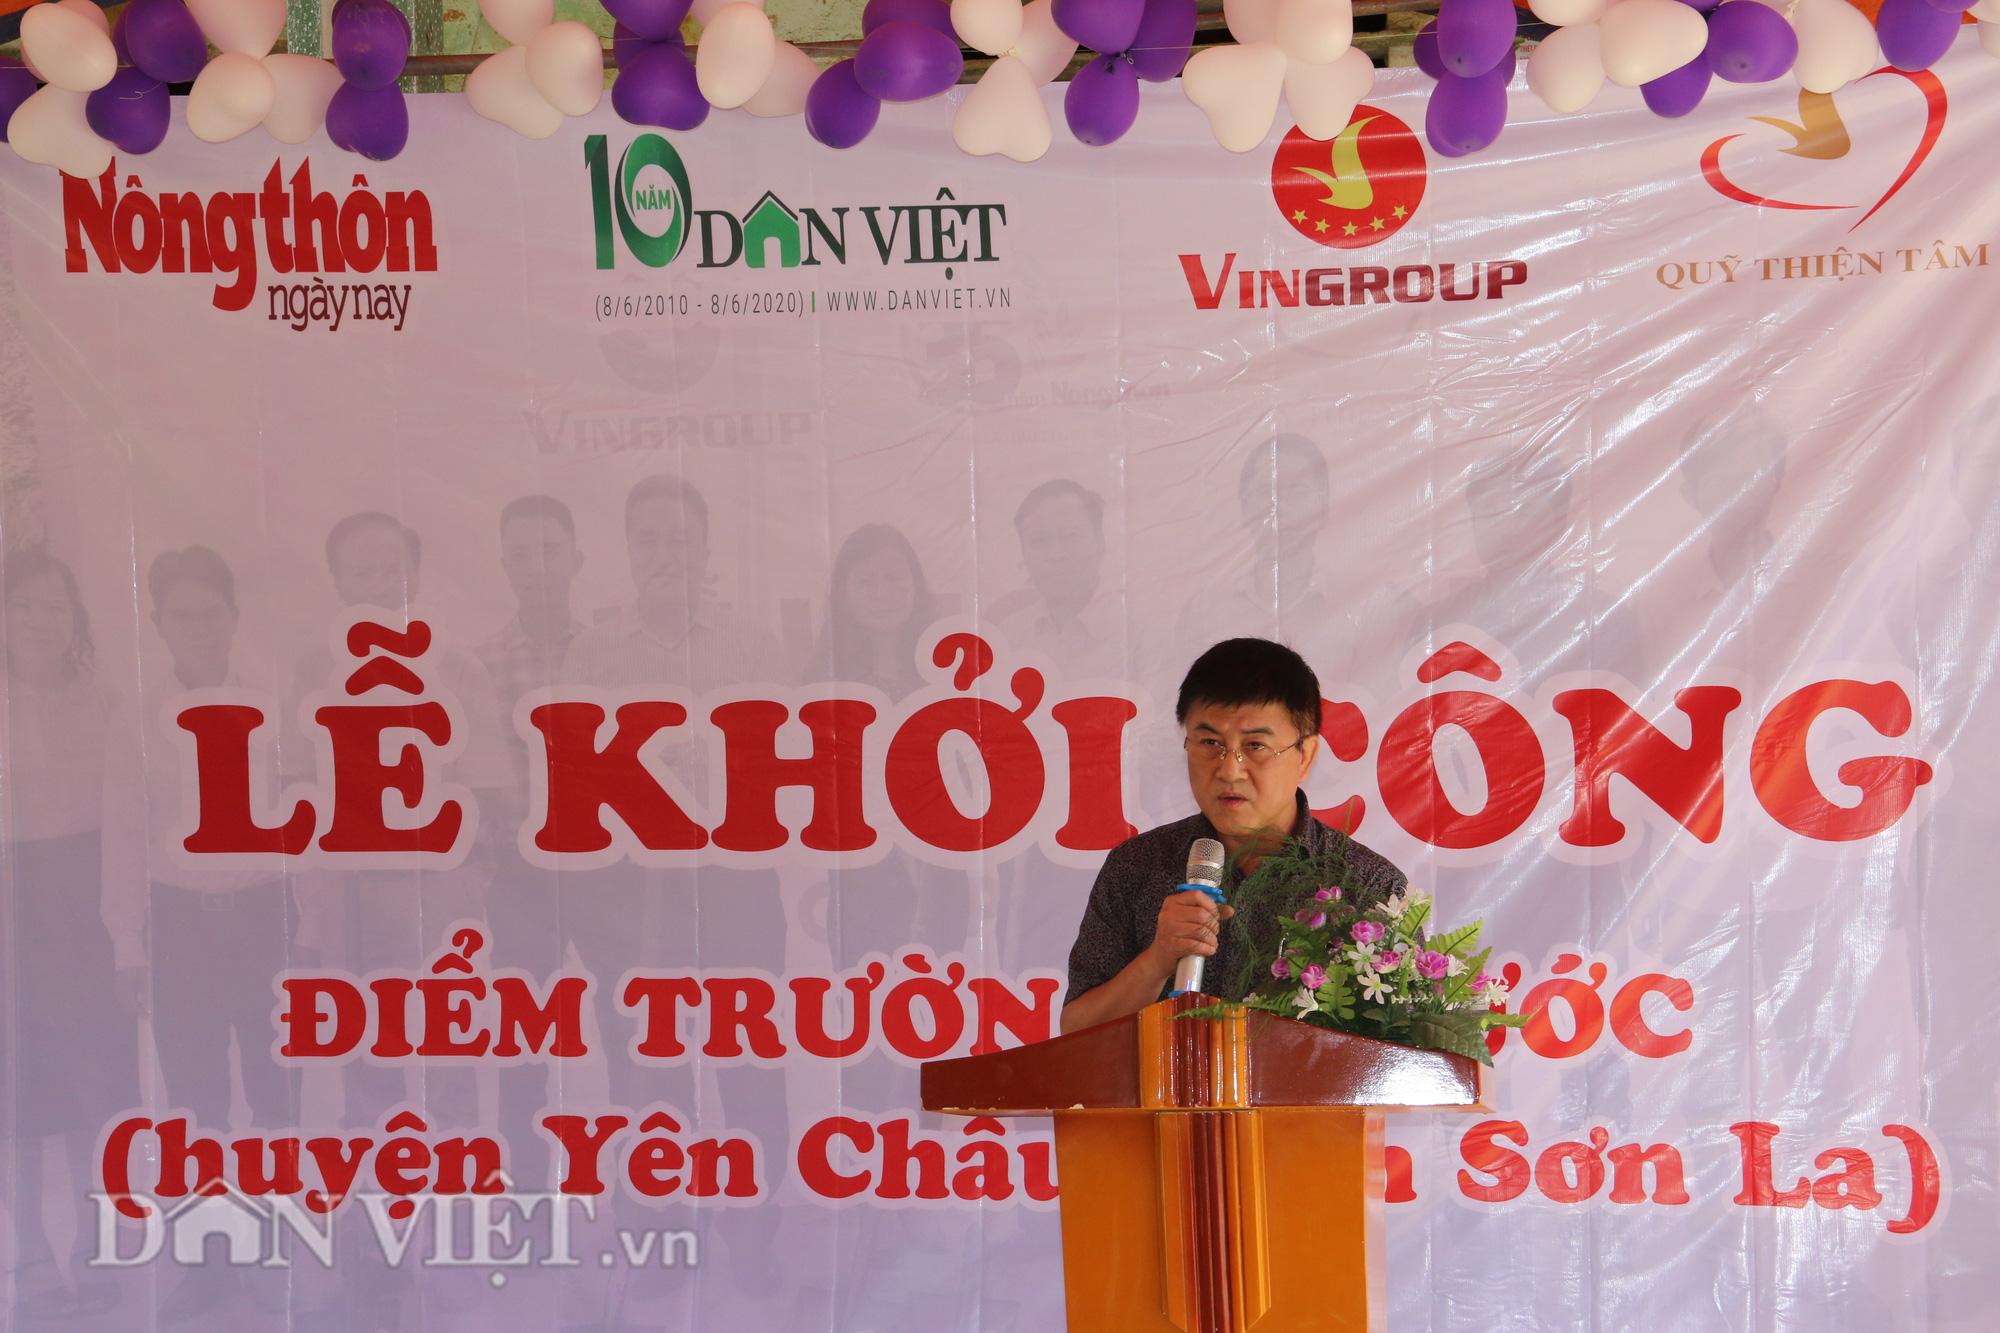 Sơn La: Khởi công điểm trường mới từ Báo NTNN/Điện tử Dân Việt - Ảnh 2.